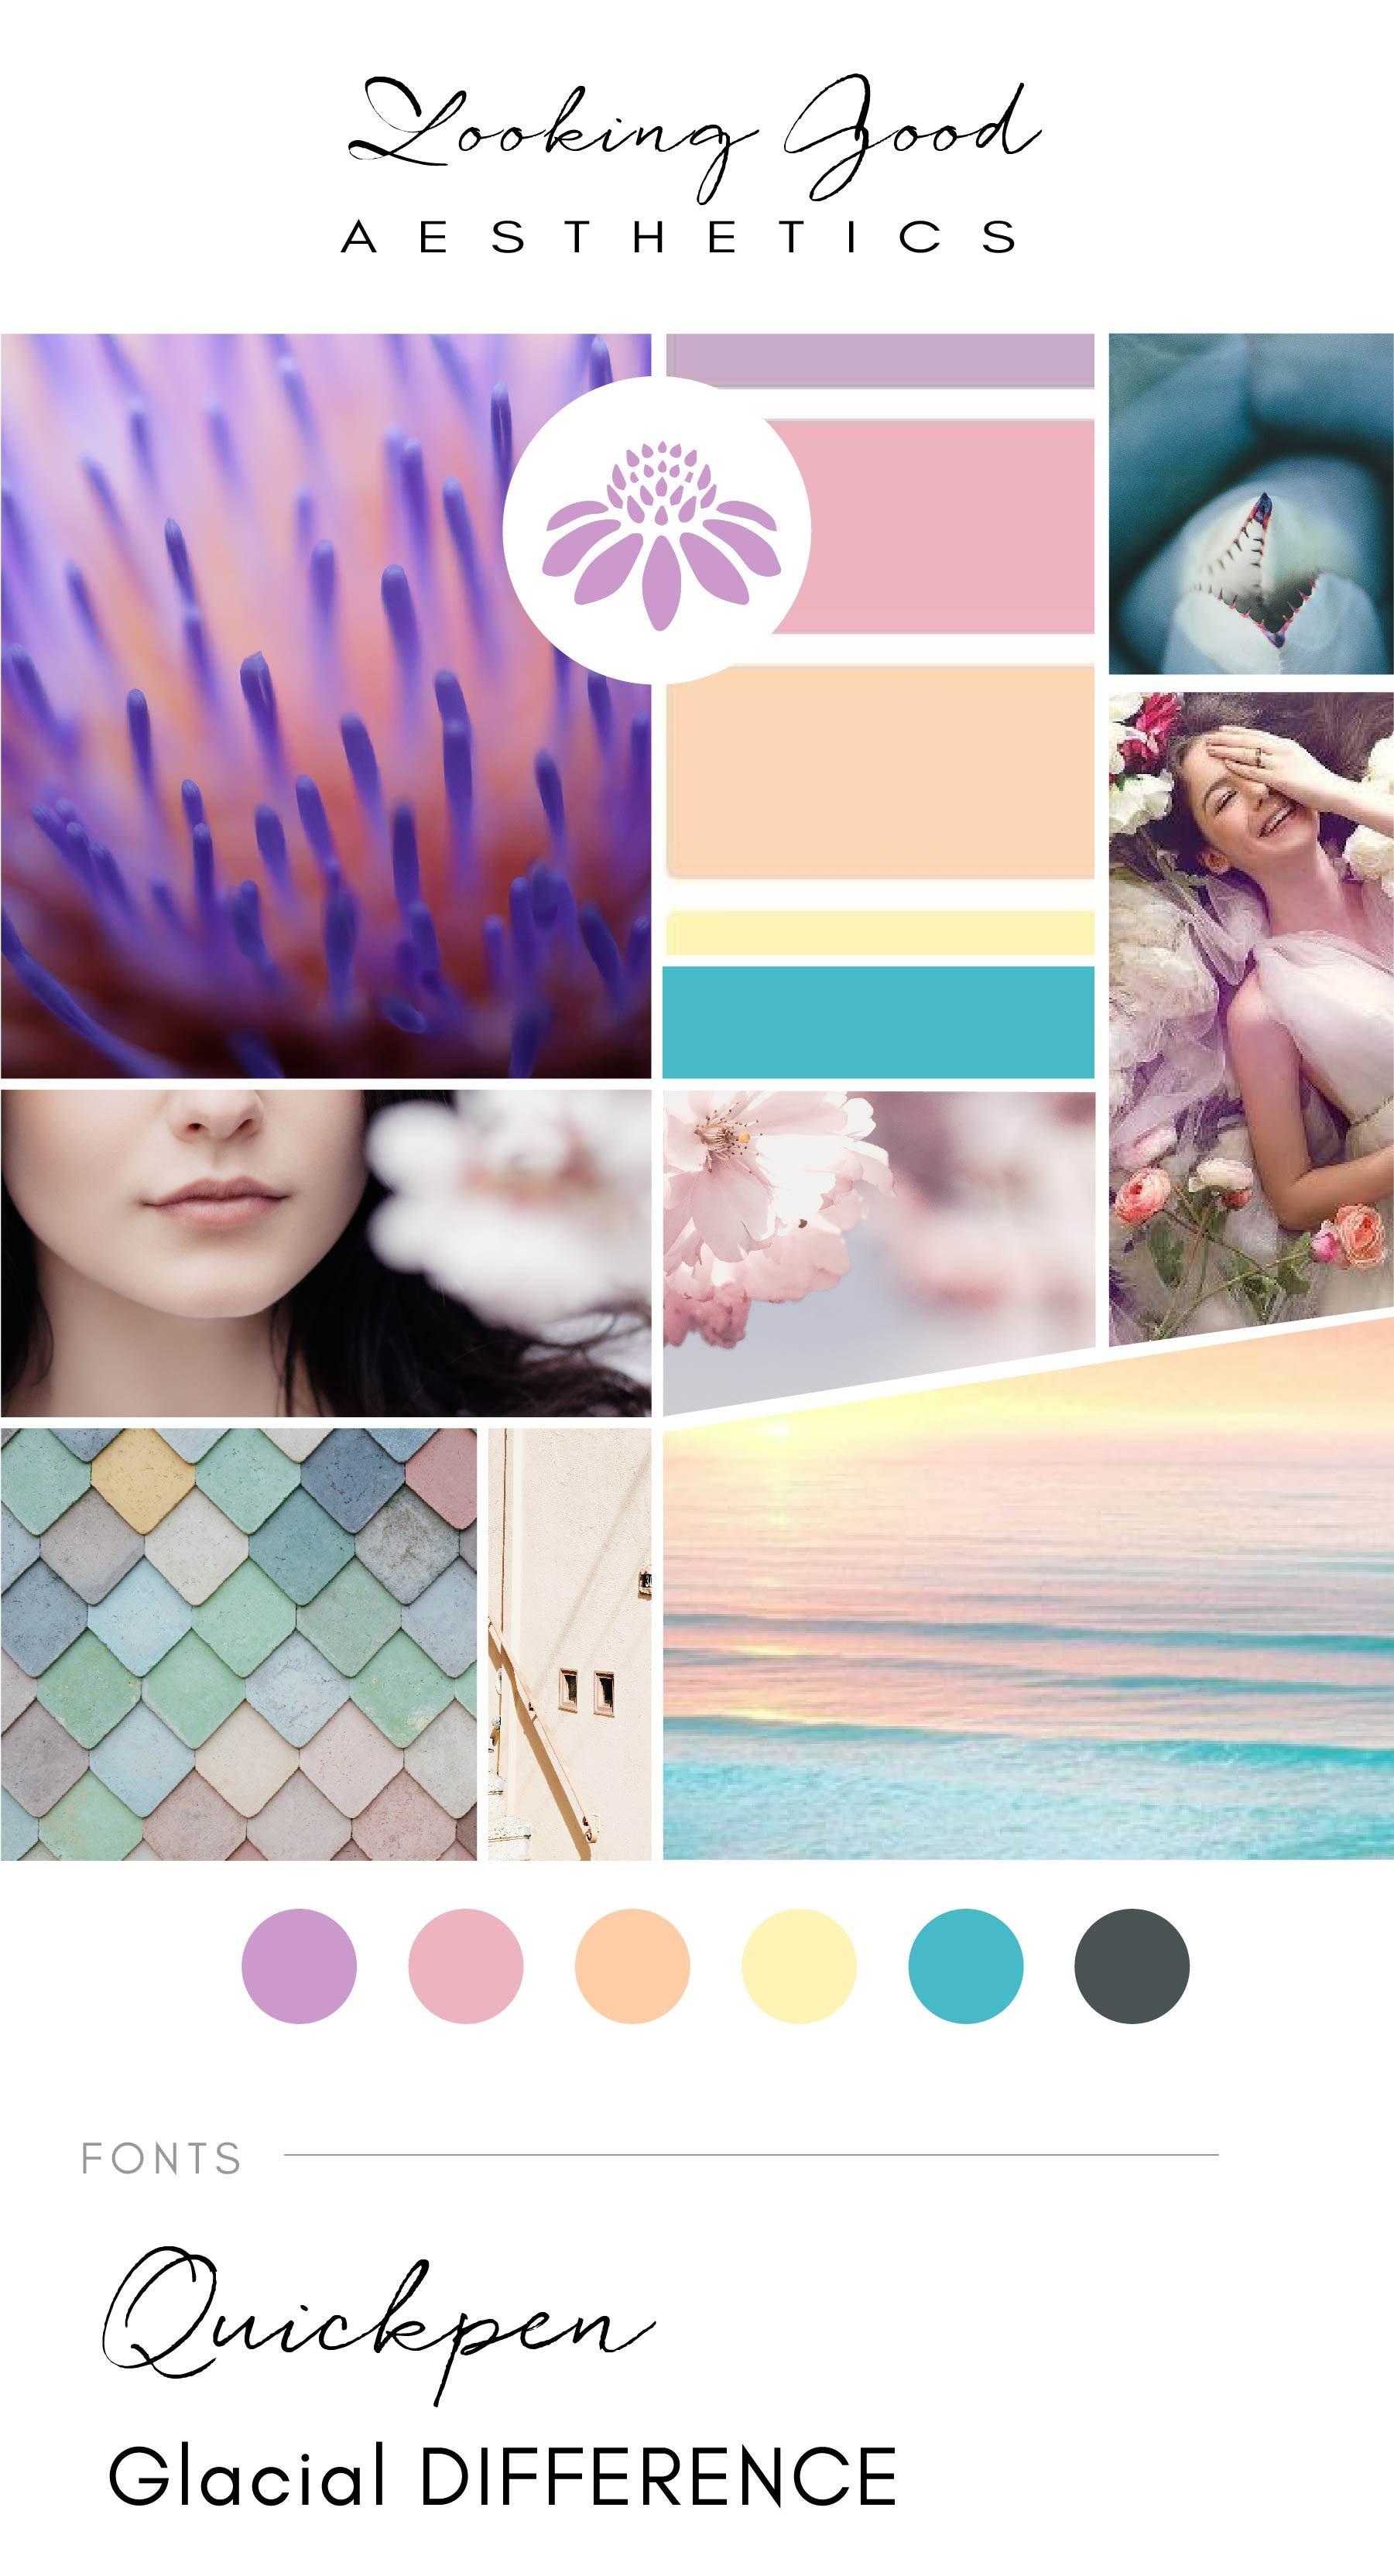 LookingGoodAsthetics-StyleBoard.jpg